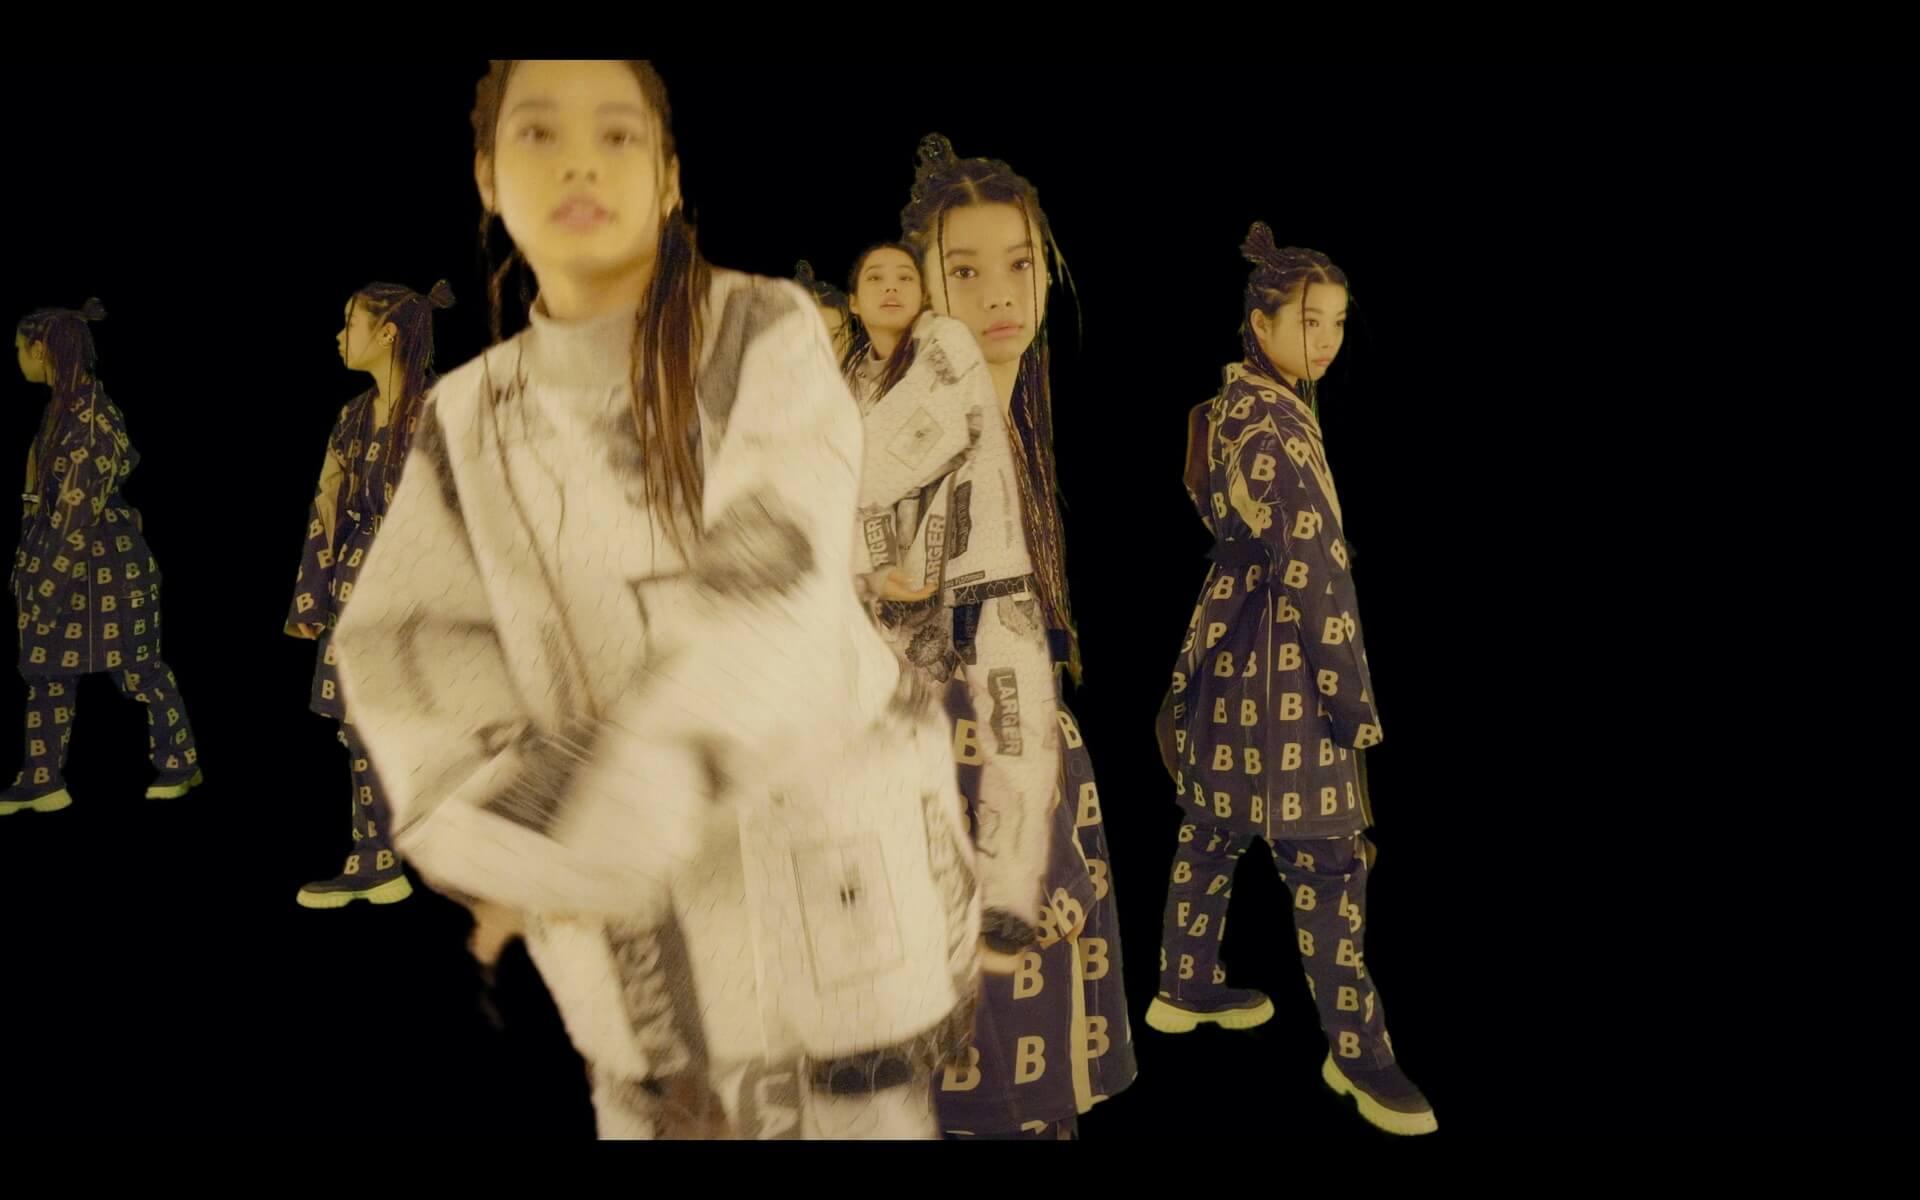 """xiangyuがひじの痛みを連呼する""""ひじのビリビリ""""デジタルリリース&xiangyuが増殖するMVも公開! music200124_hijinobiribiri_01"""